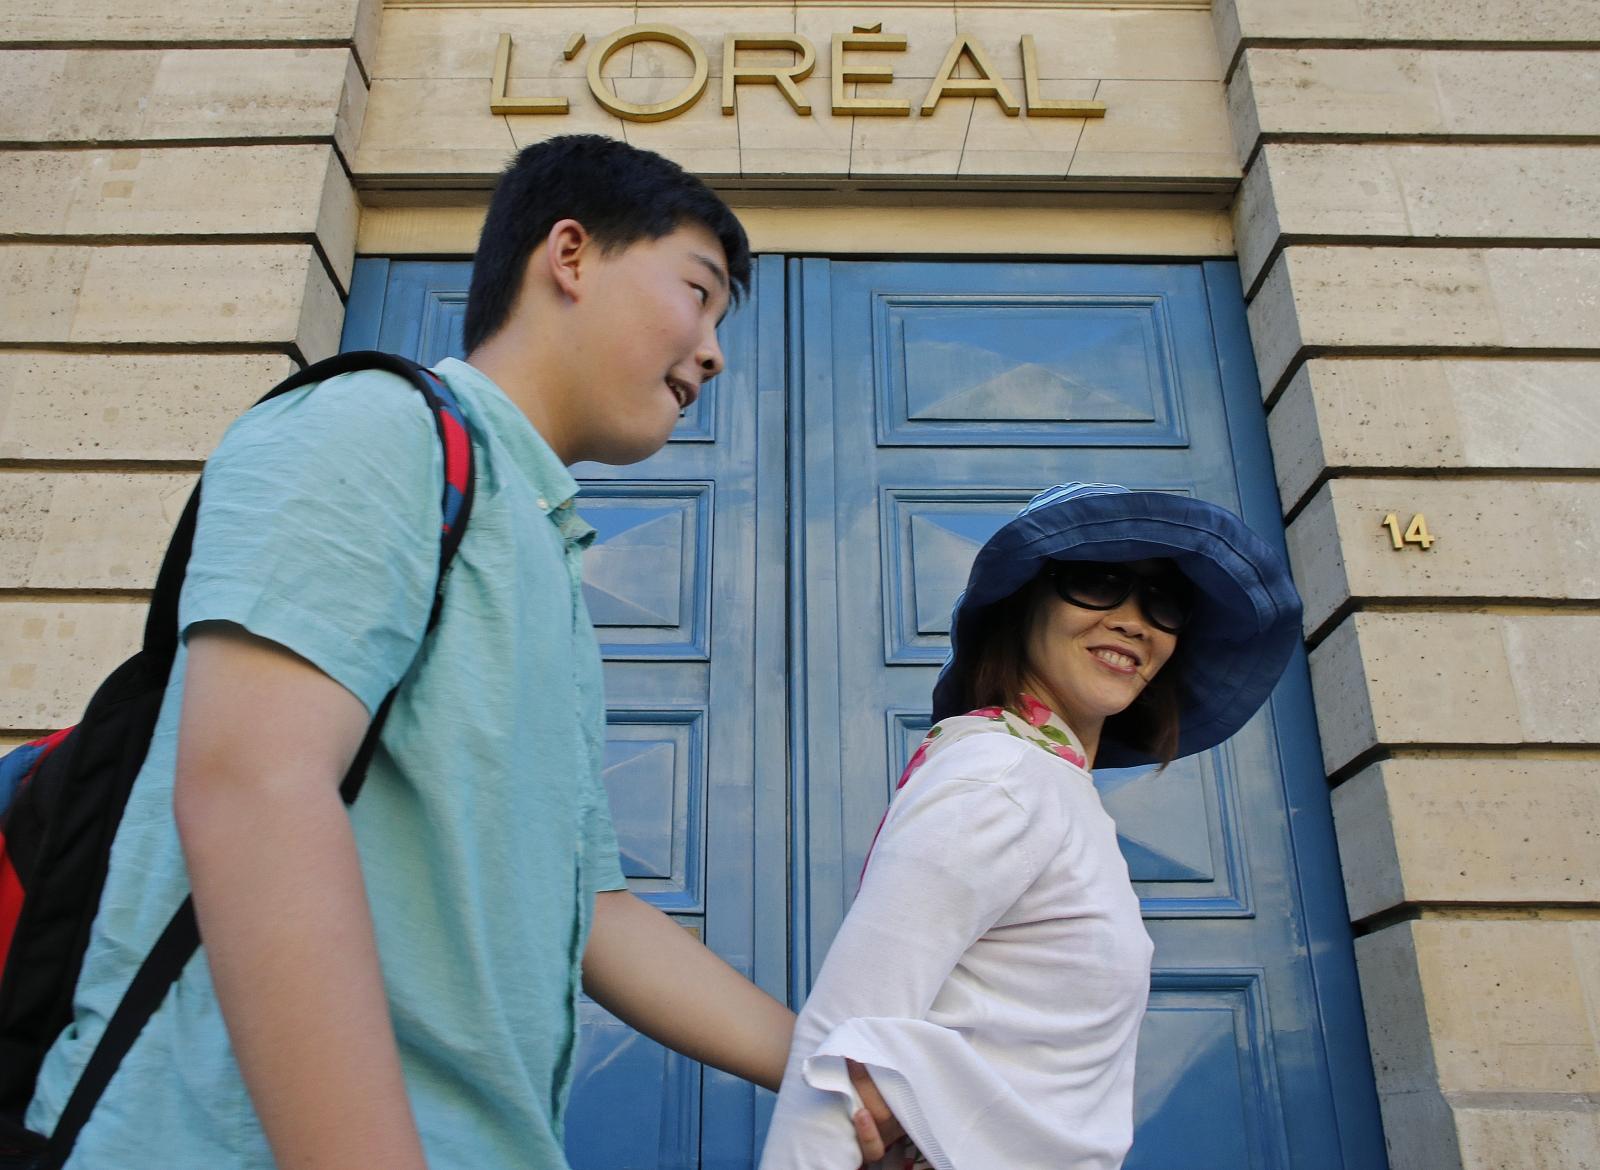 Paris tourists